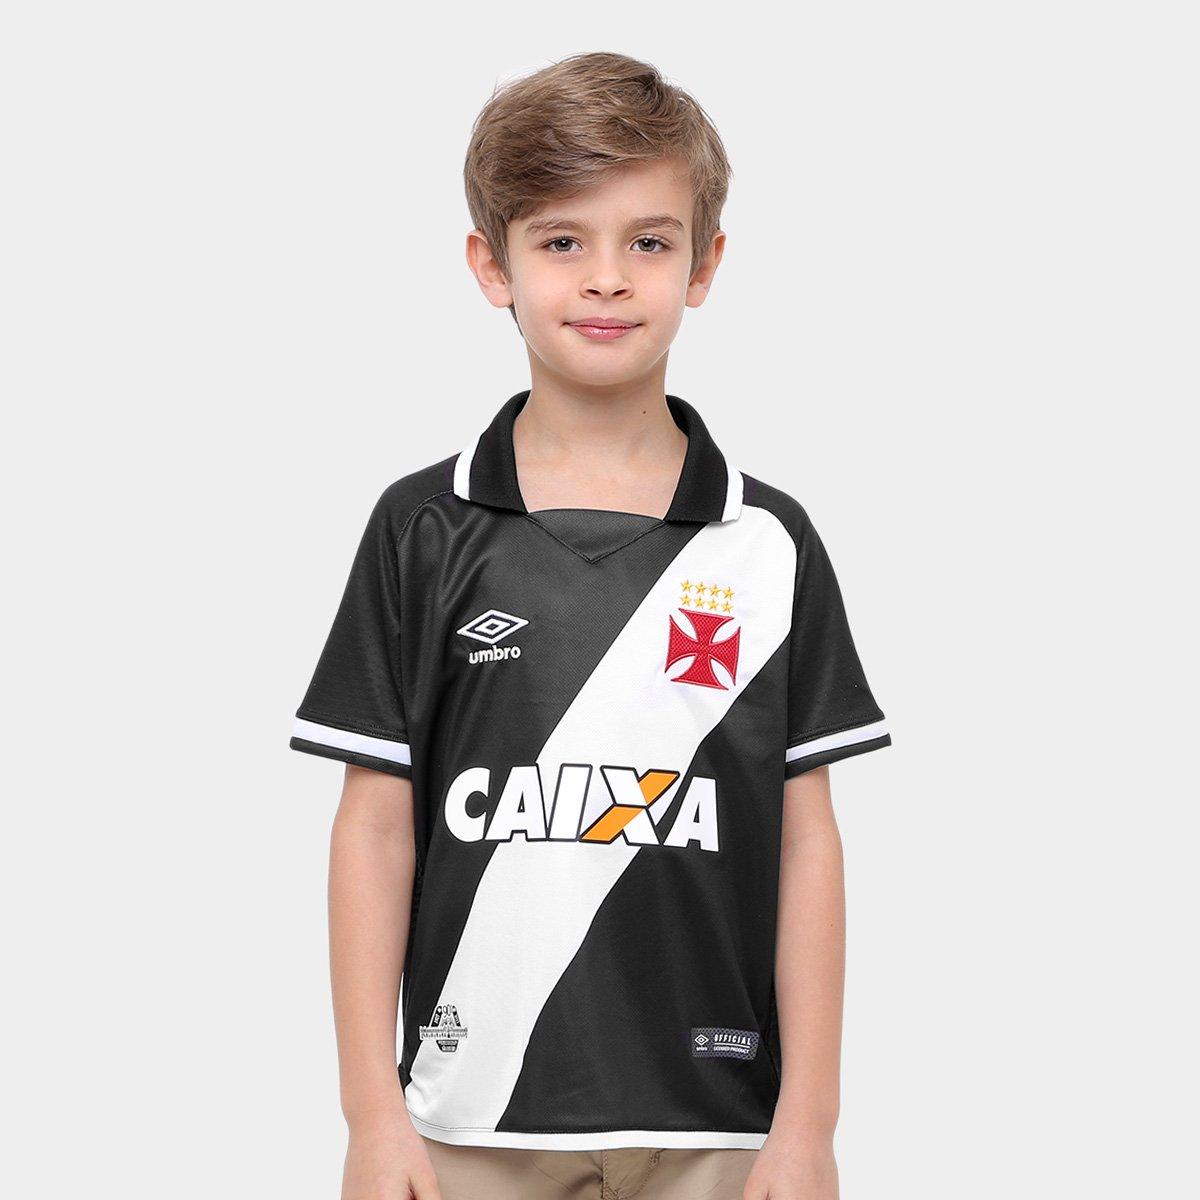 a12a190aa1645 Camisa Vasco Infantil I 17 18 nº 10 - Torcedor Umbro - Compre Agora ...